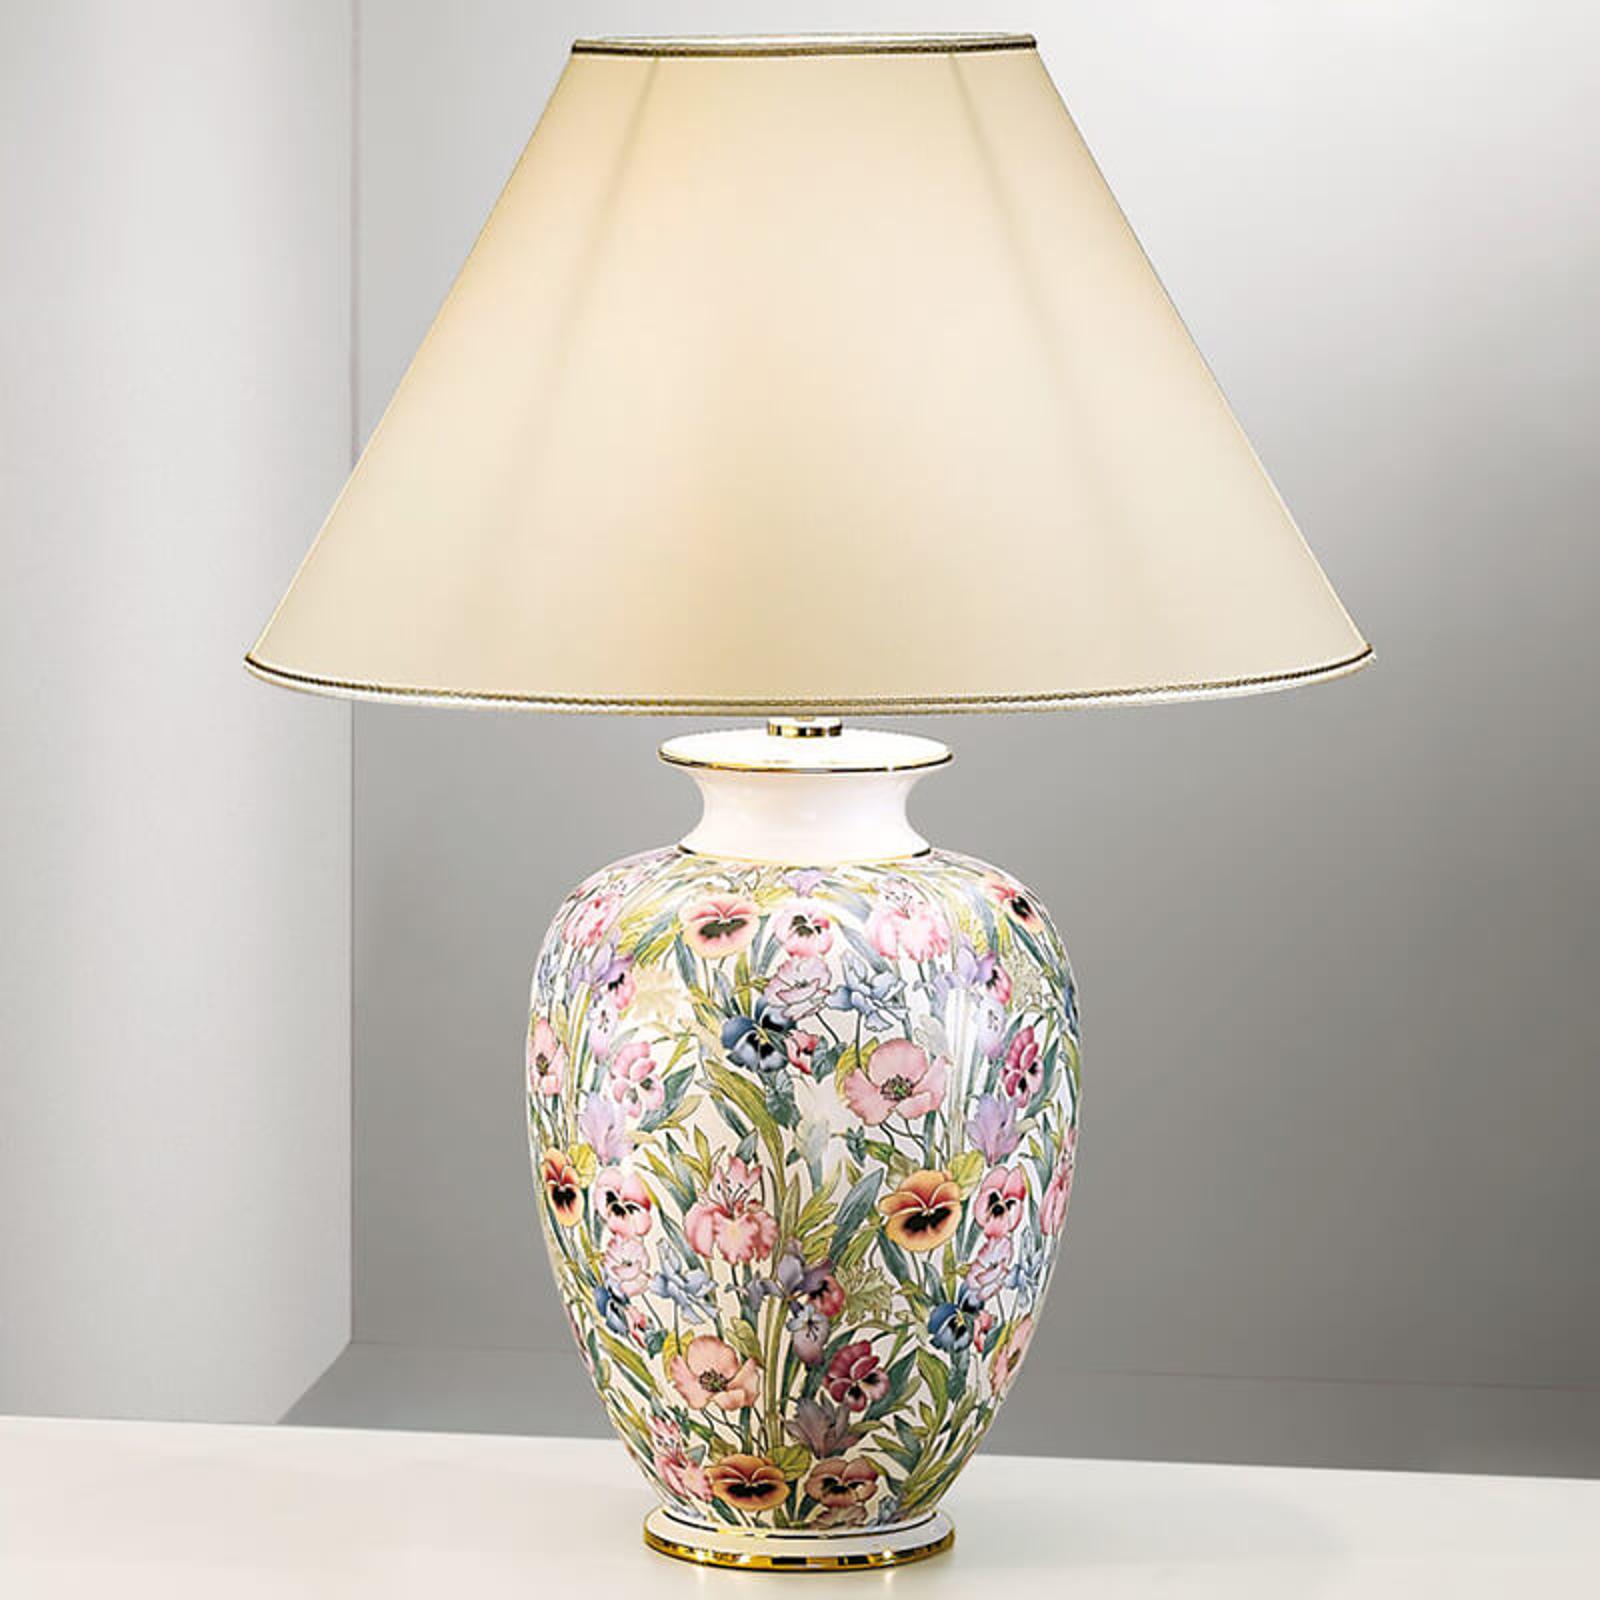 Lampe à poser peinte main GIARDINO PANSE 50 cm